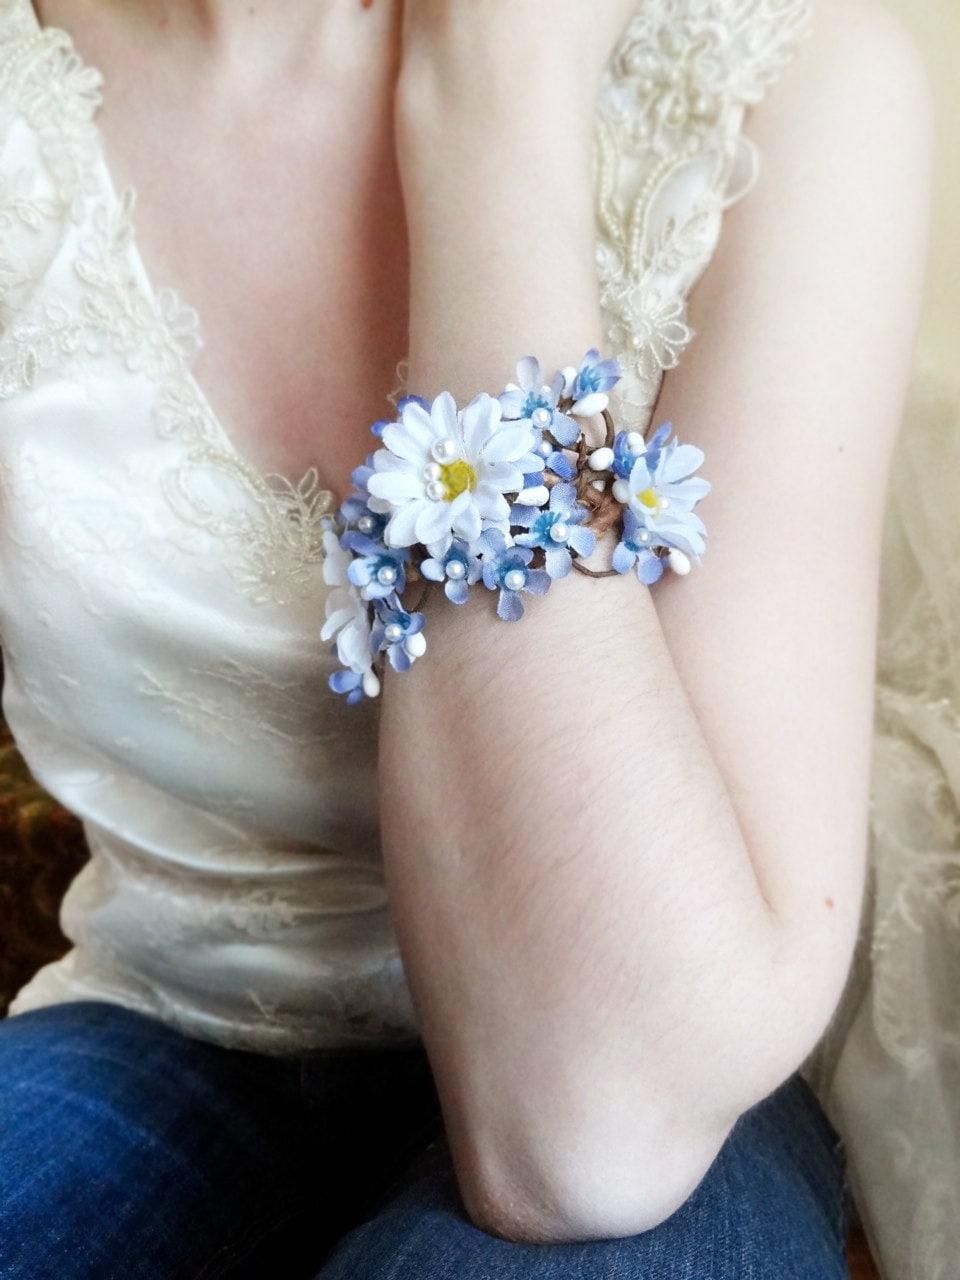 Daisy Corsage Bracelet Wrist Corsage Floral Bracelet Bridal